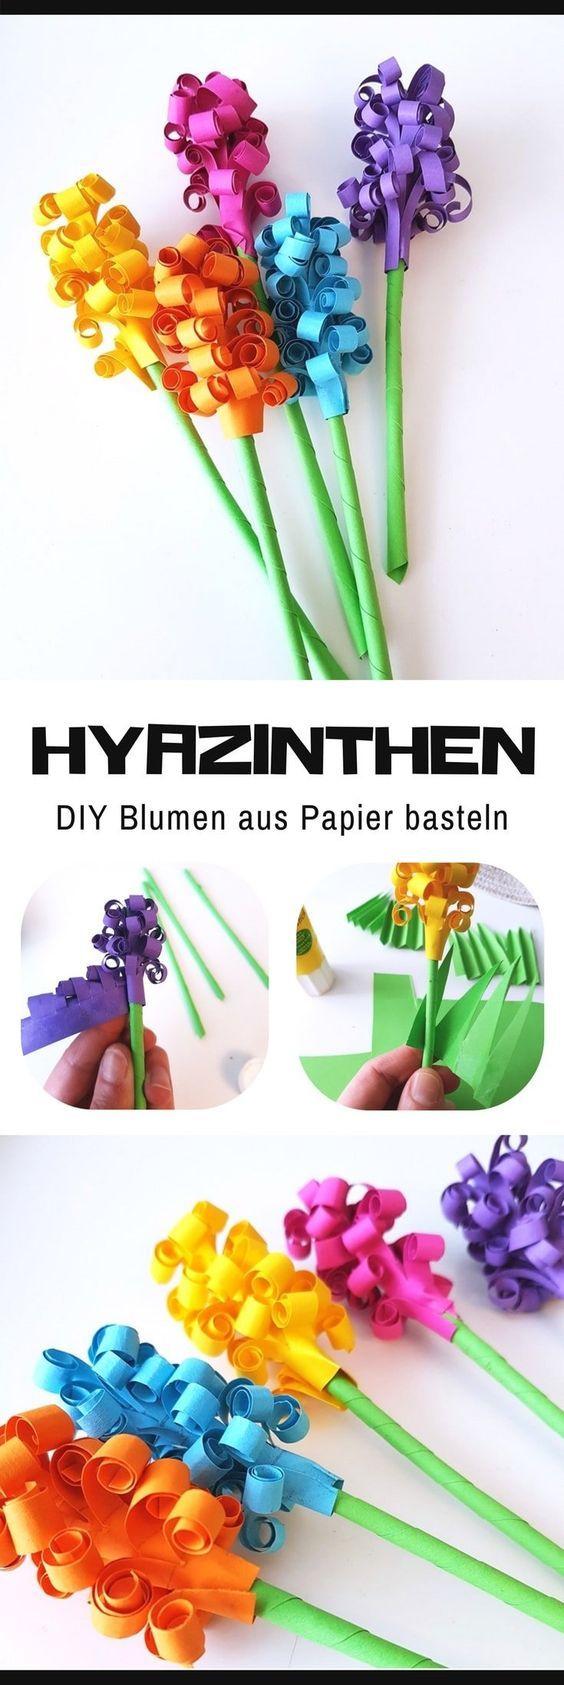 Photo of Hyazinthen aus Papier basteln: DIY Blumen für den Frühling